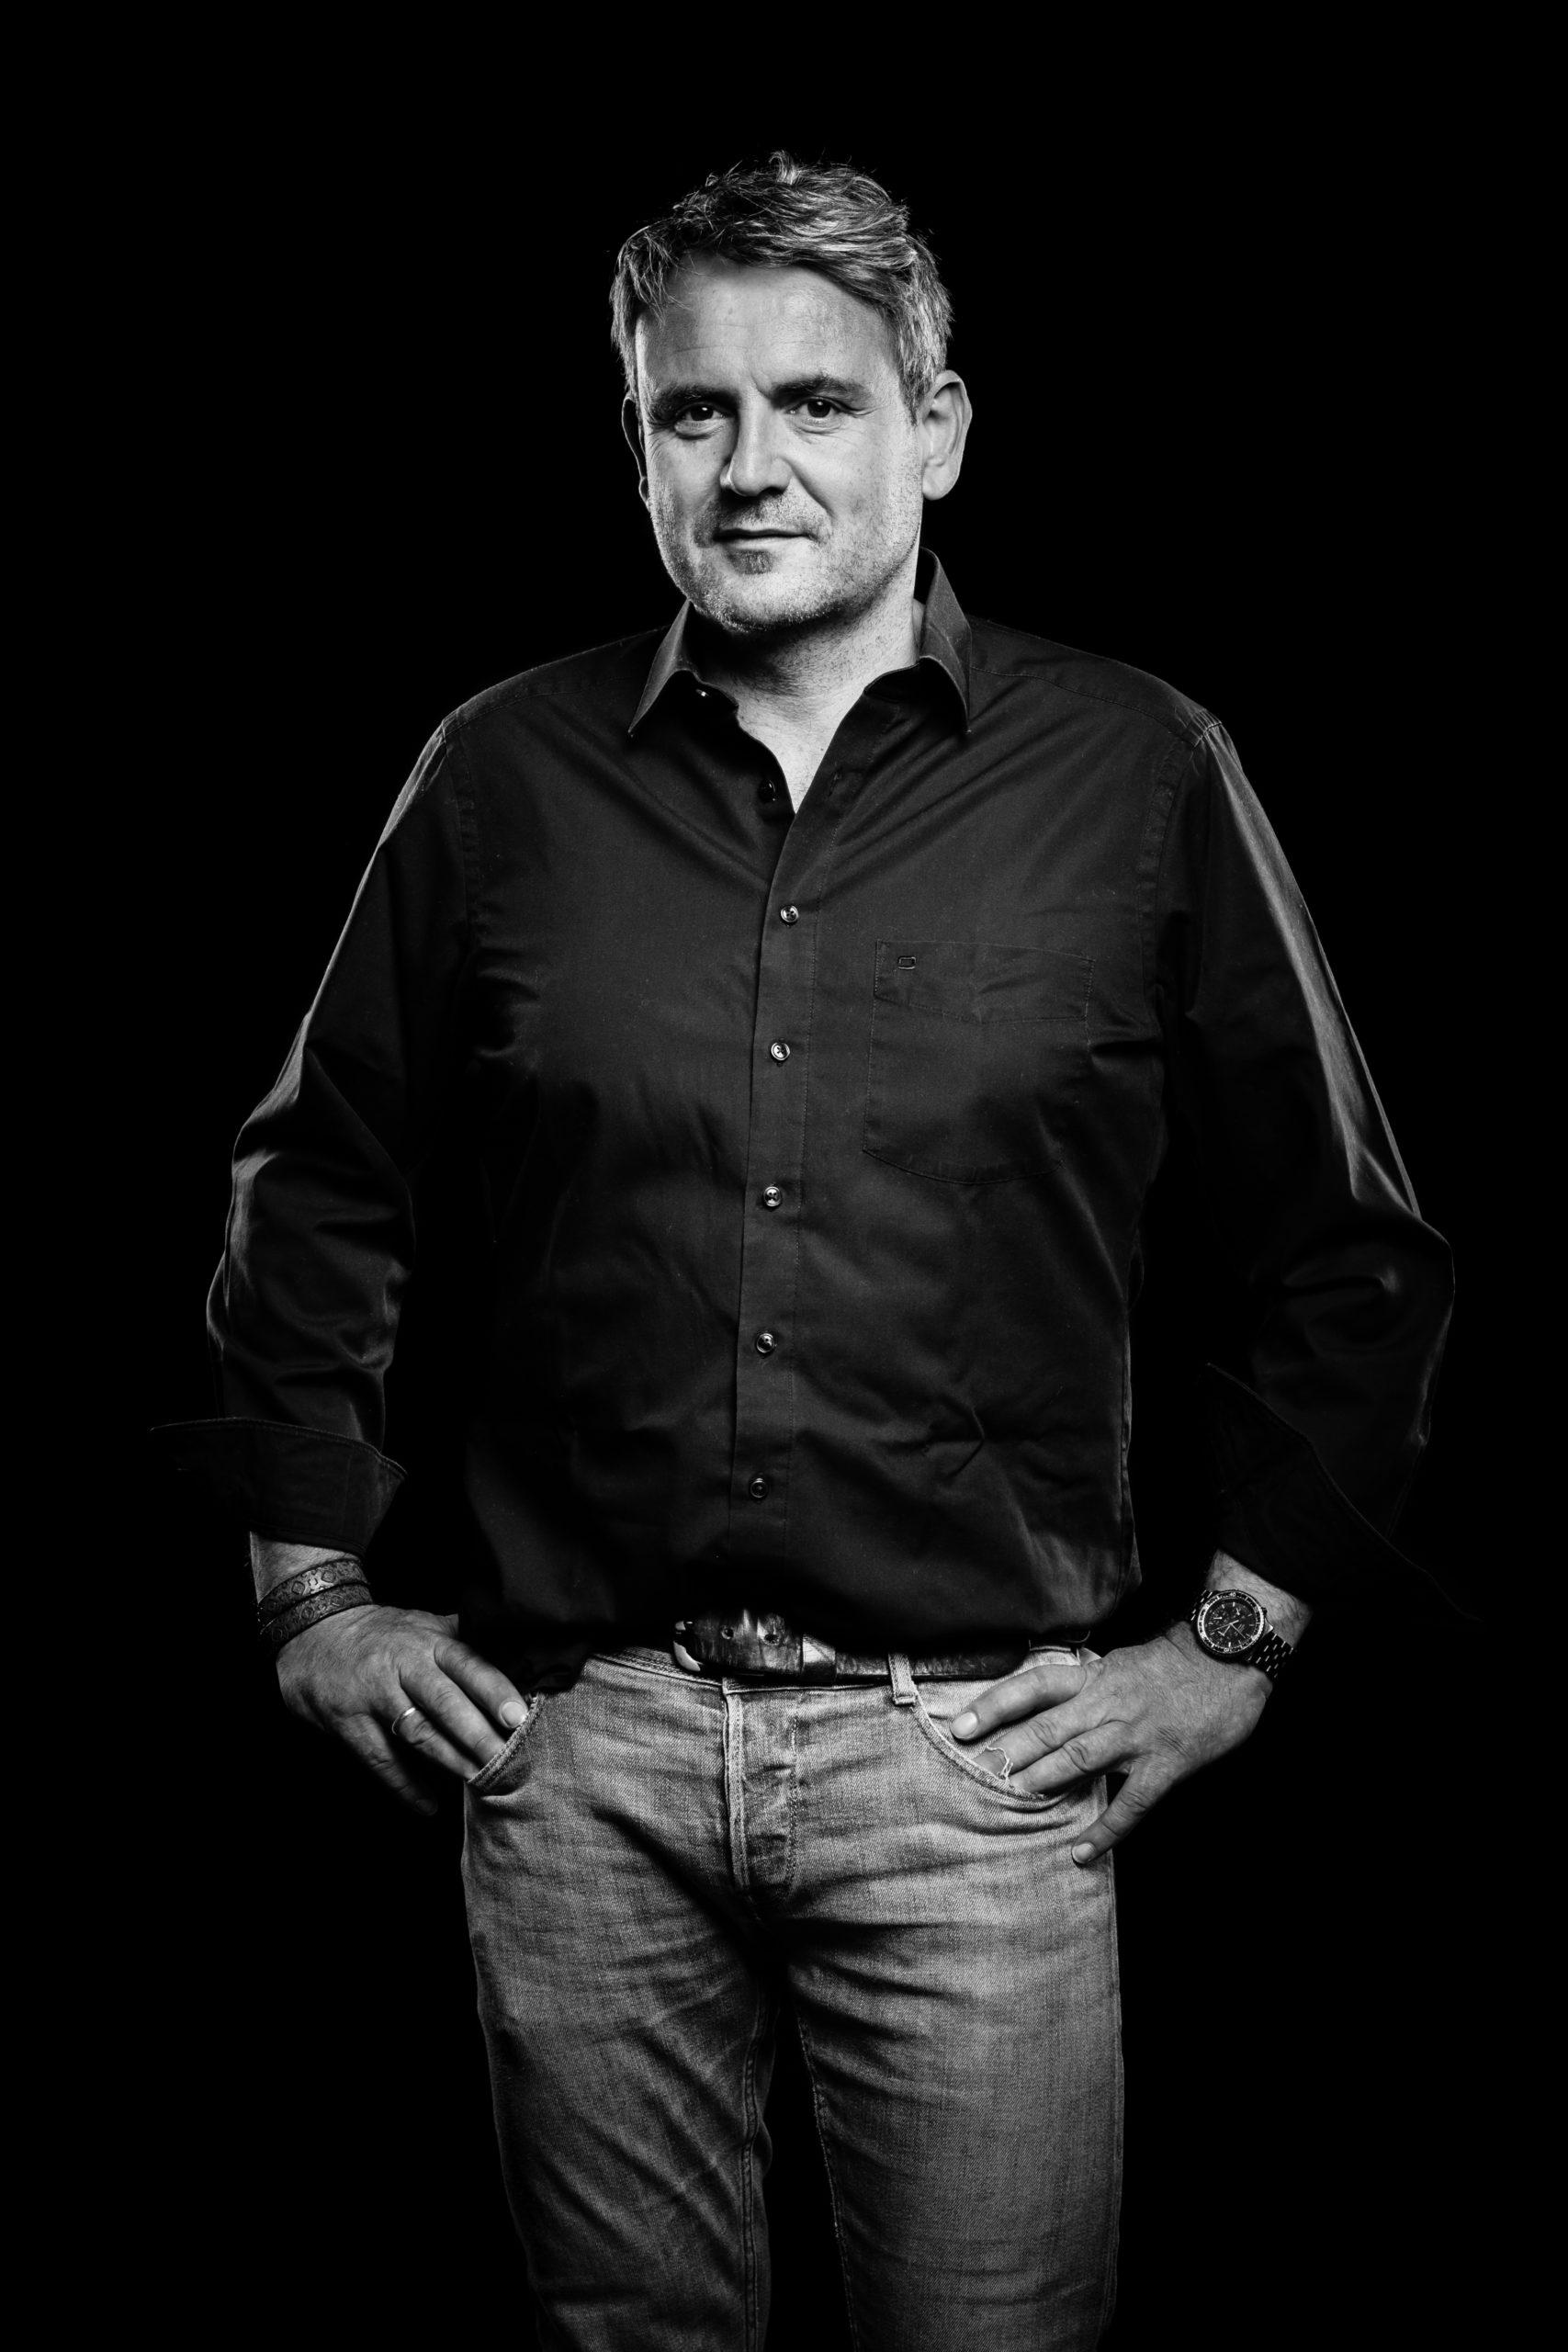 Stefan Schimmel